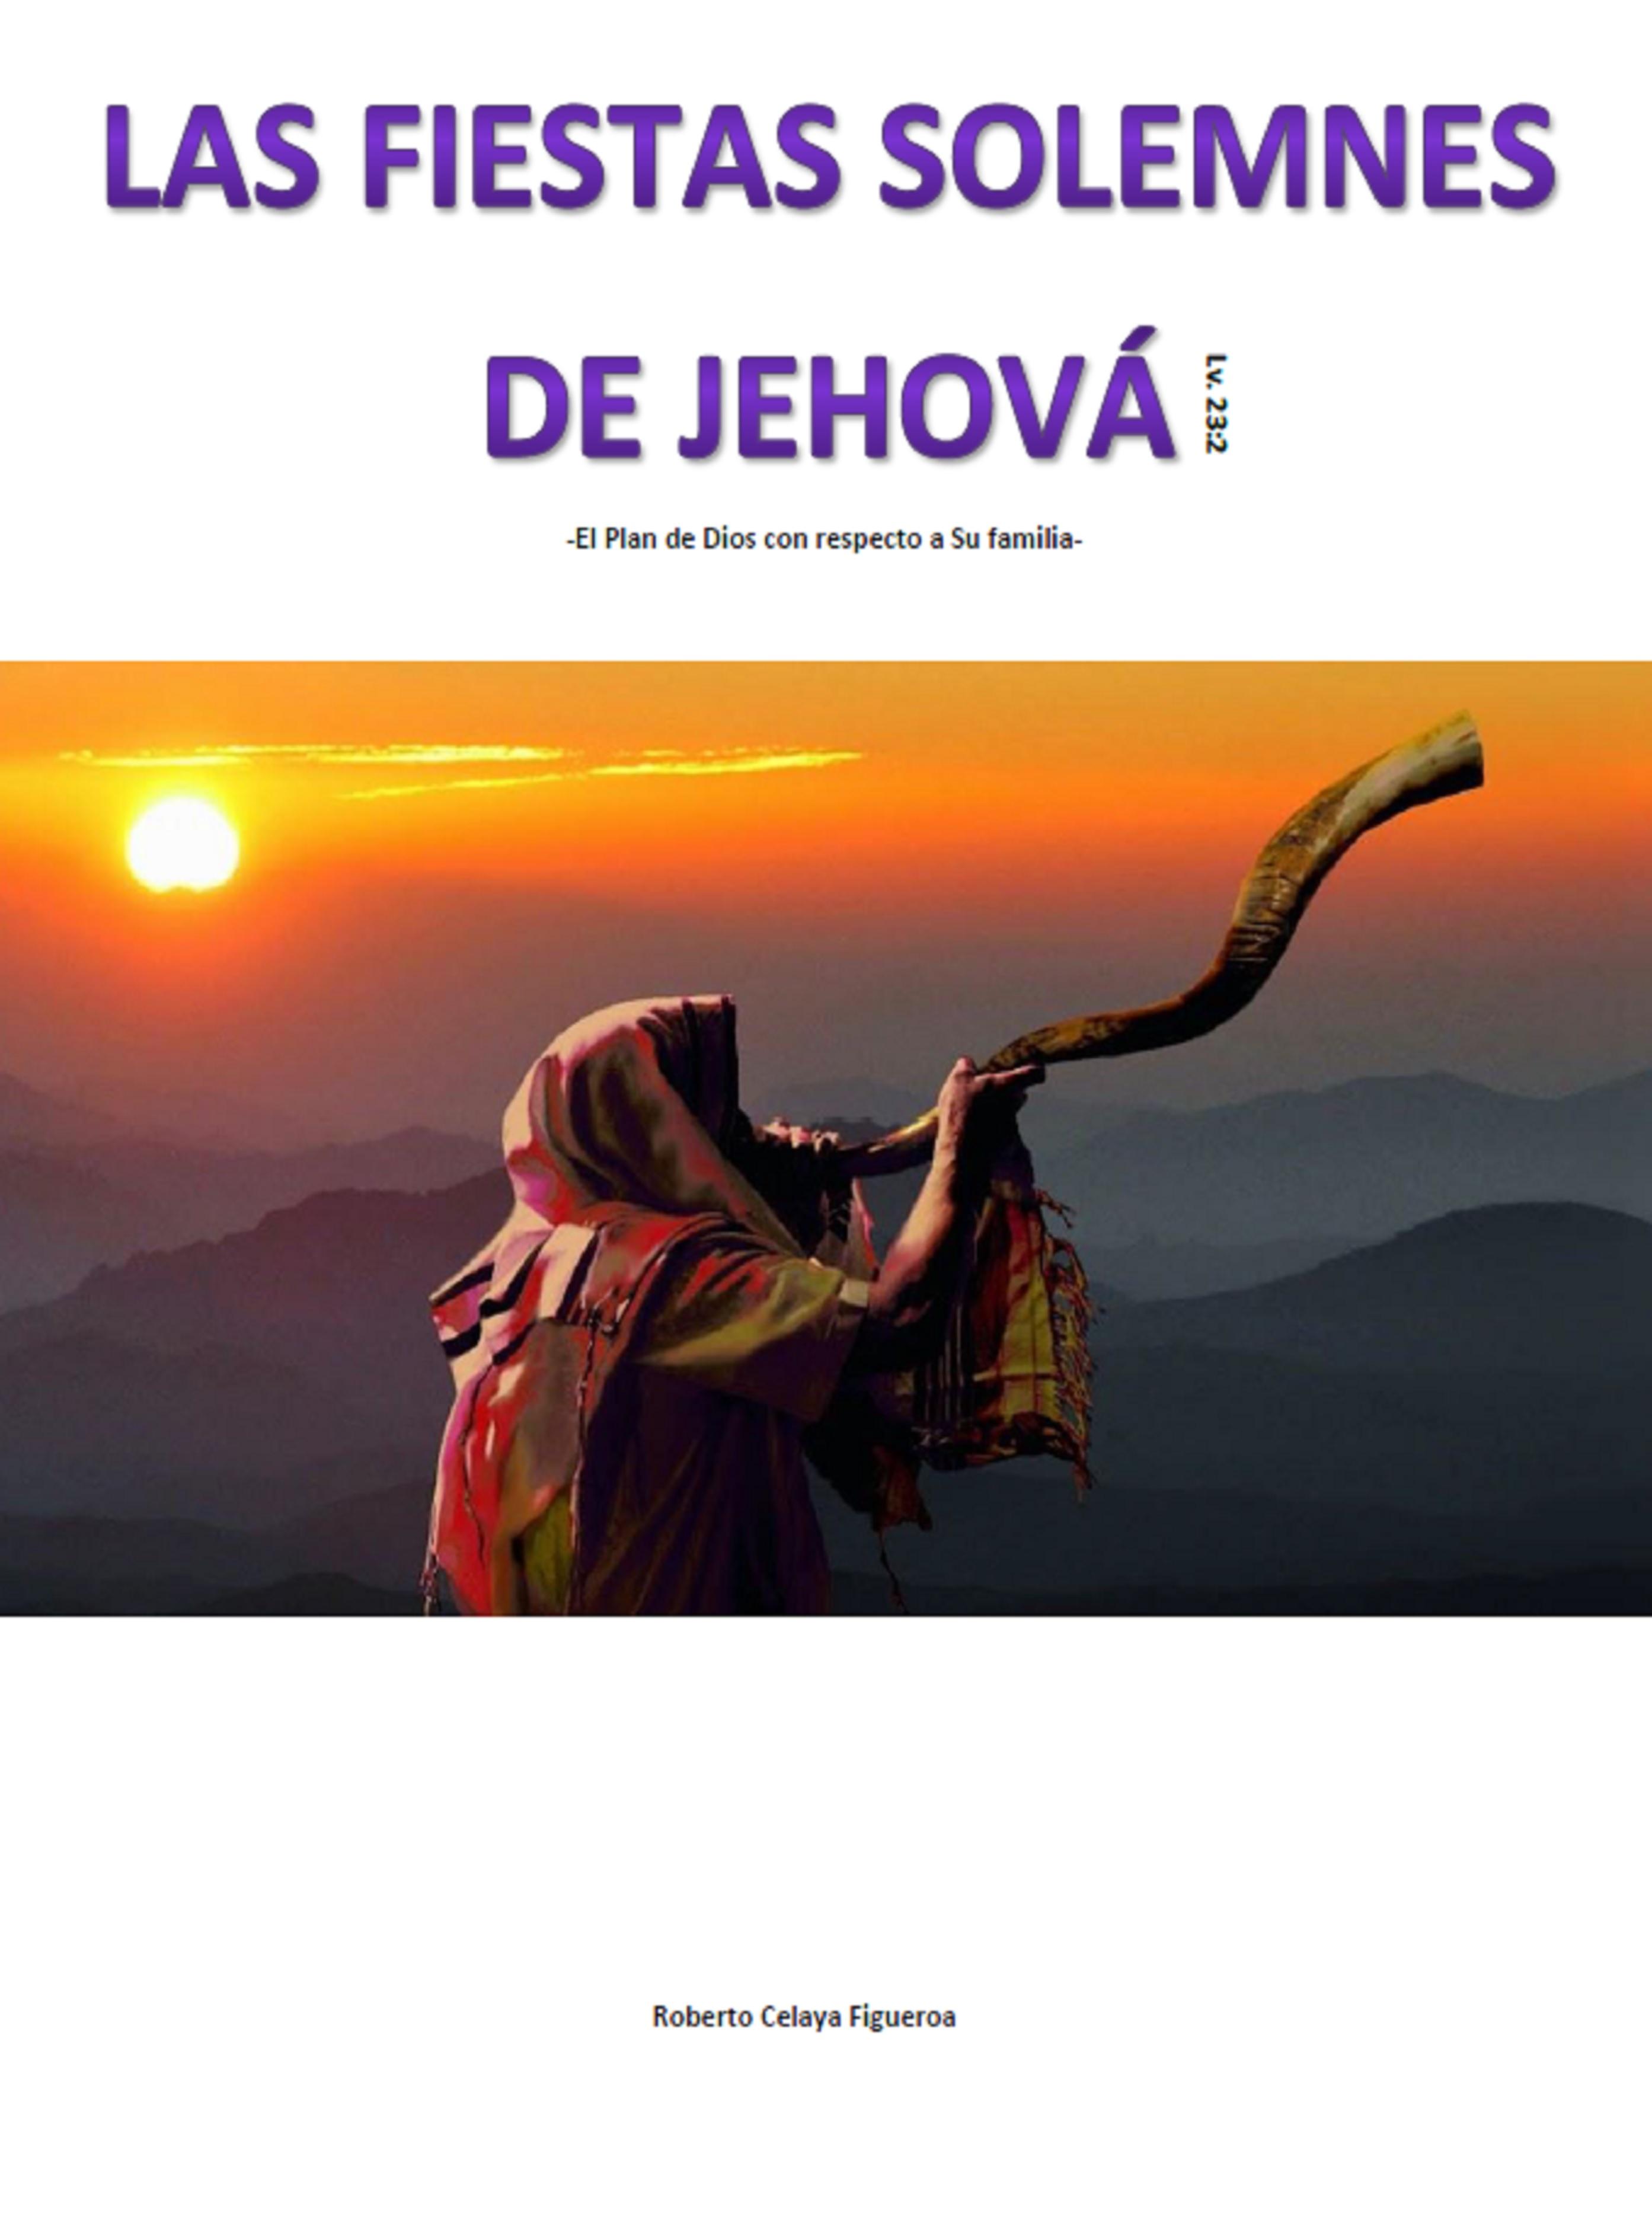 Las Fiestas Solemnes de Jehova